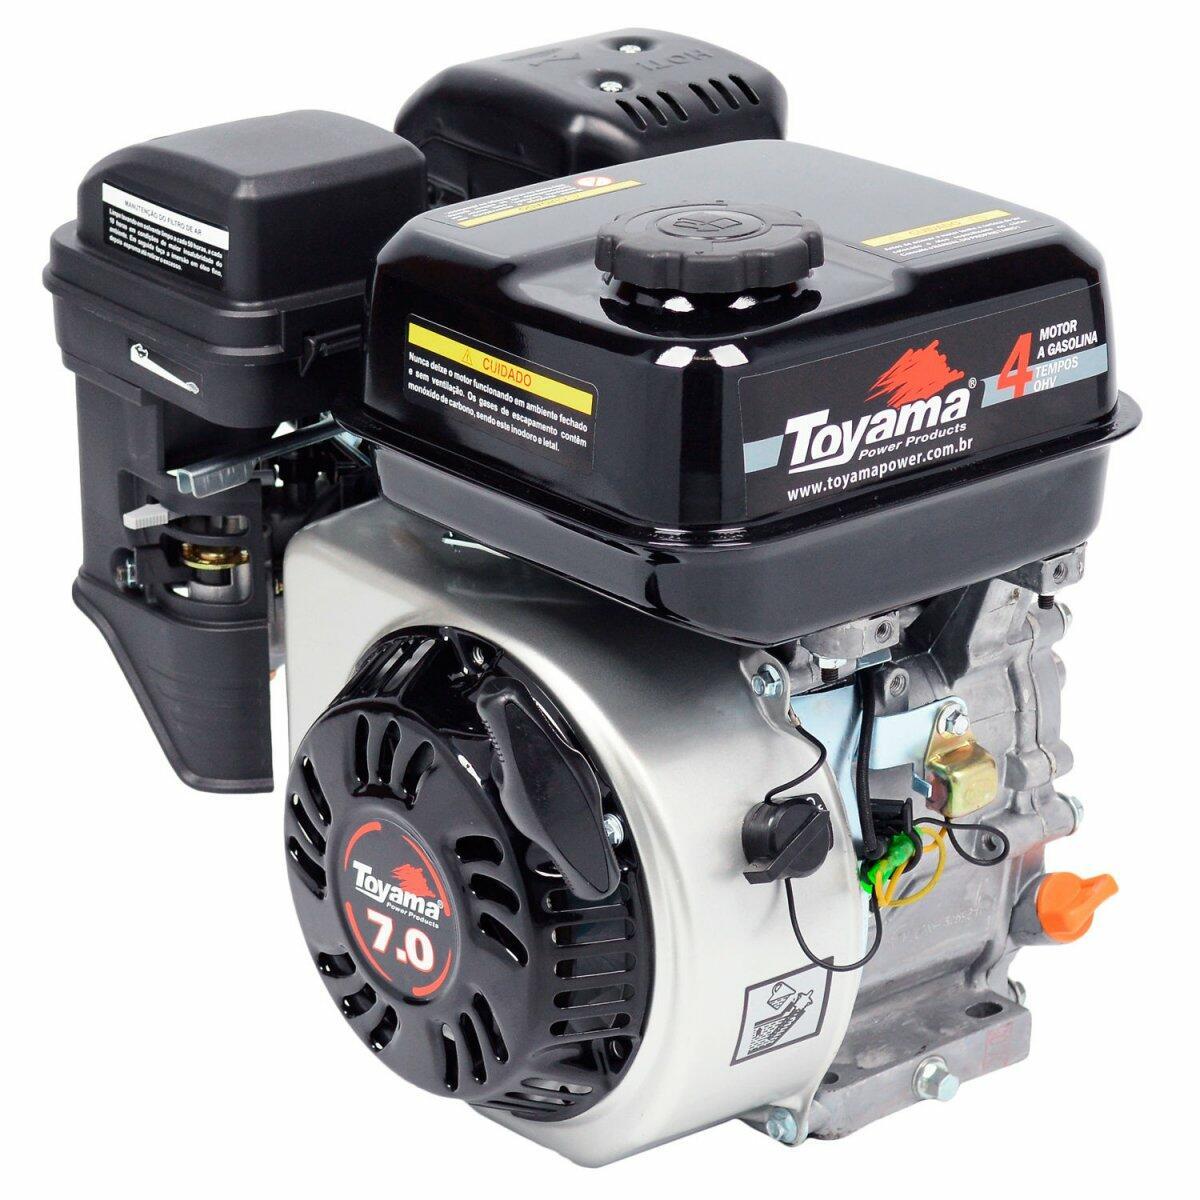 Motor Com Rabeta Fixa para Popa de Barcos 1,70M 7HP Toyama